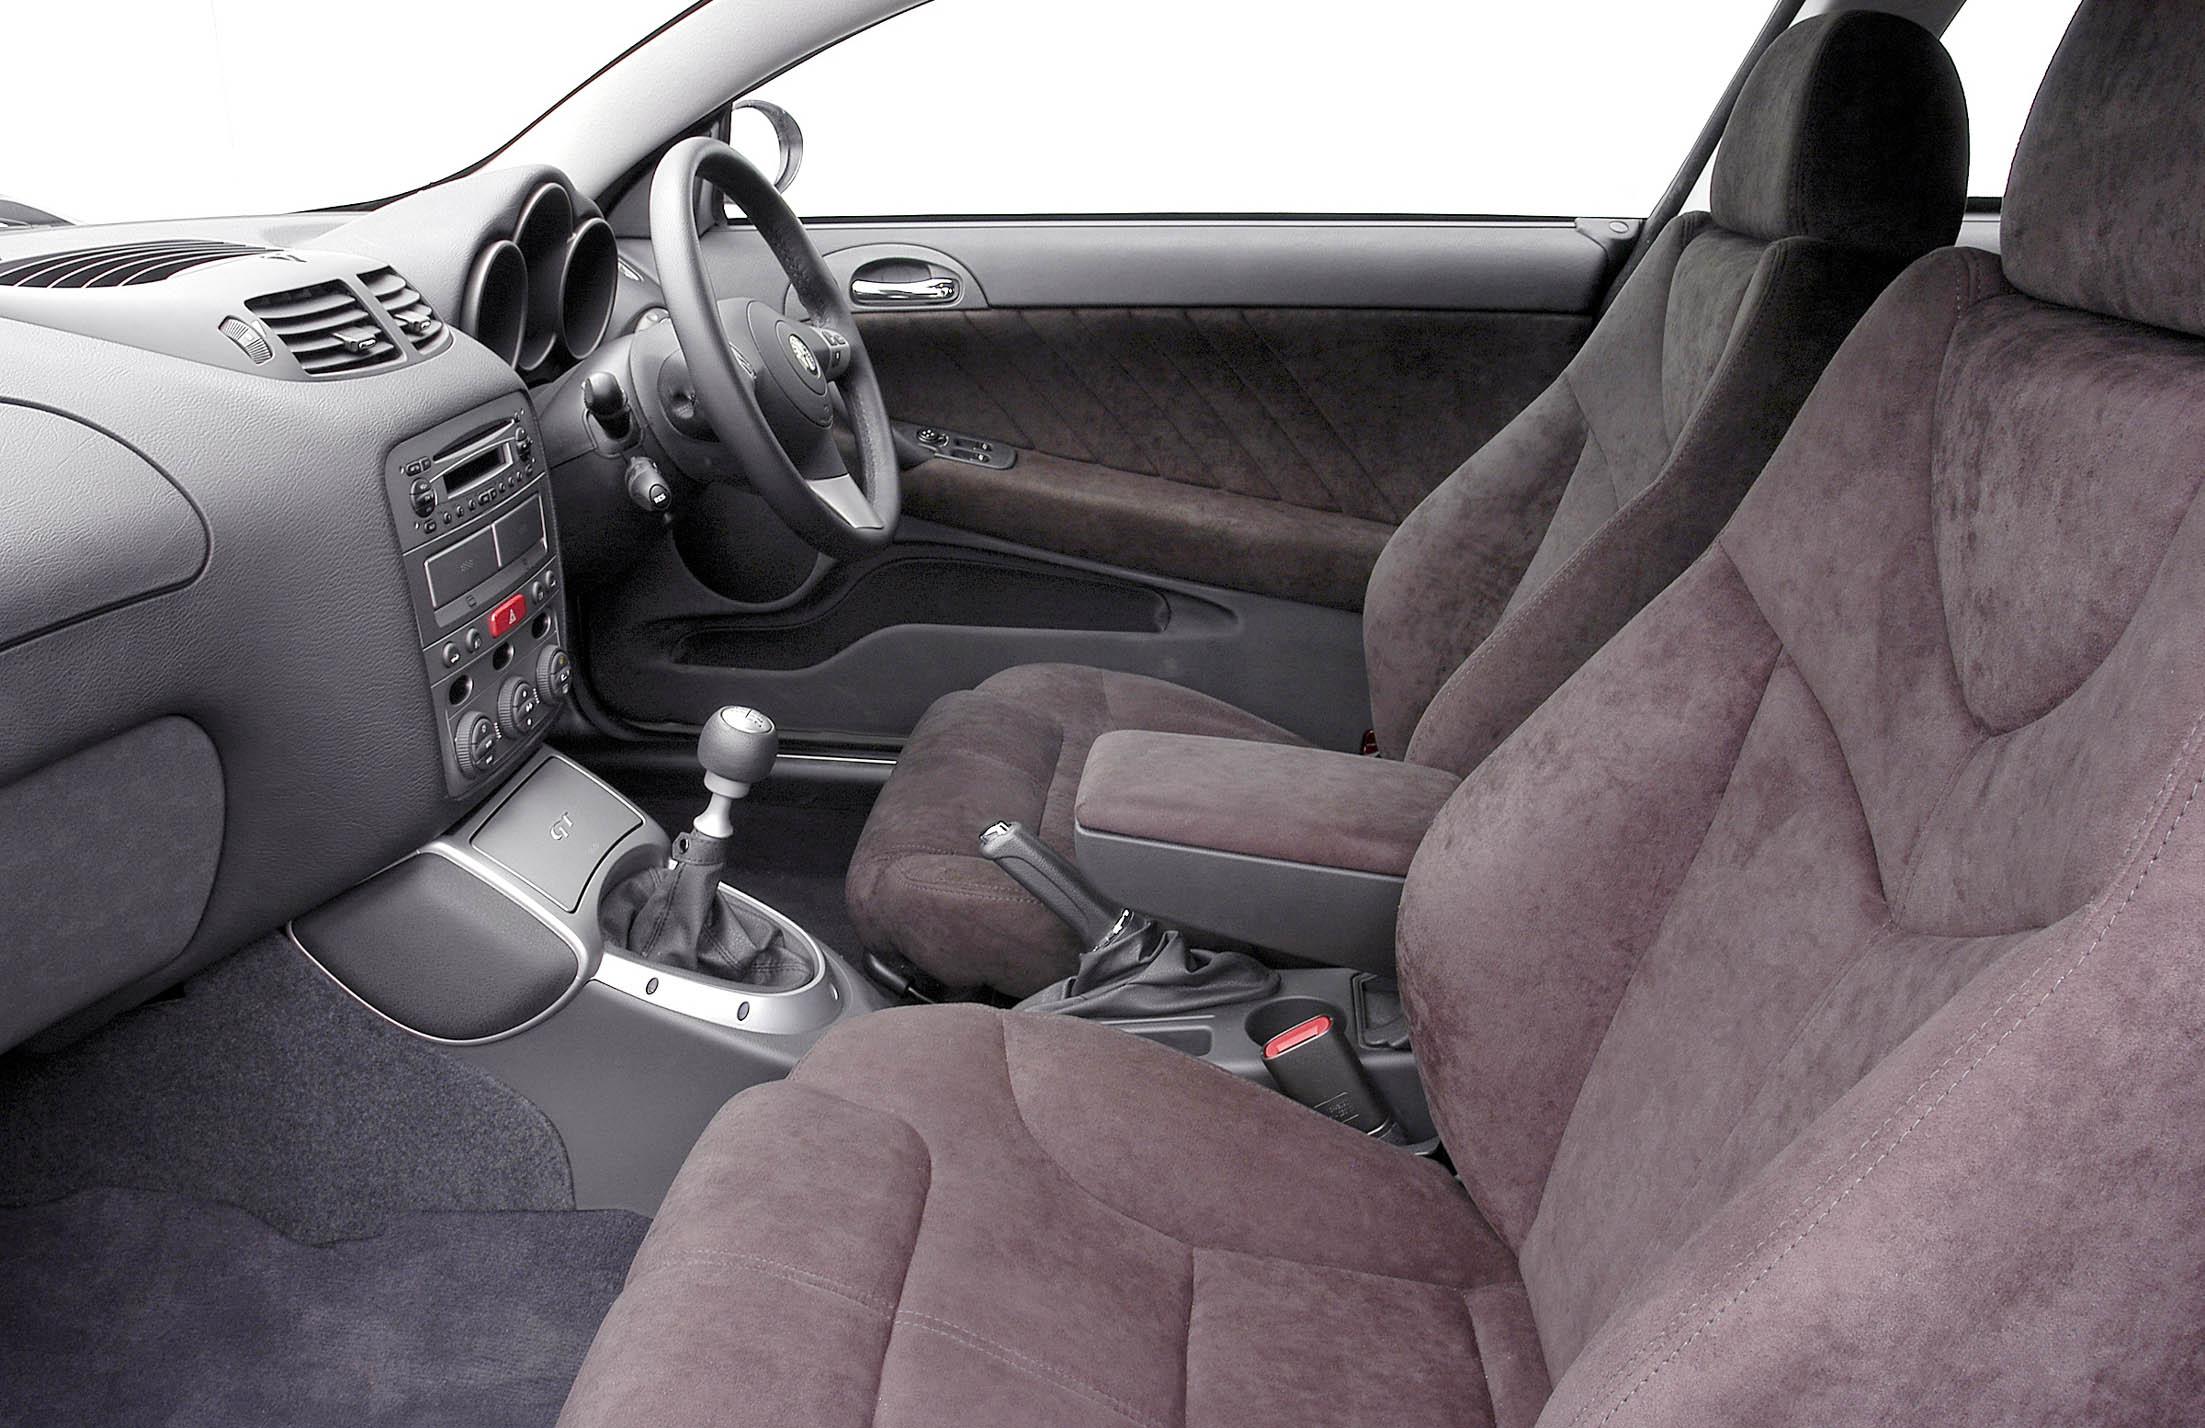 Alfa Romeo Gt Used Car Review Eurekar